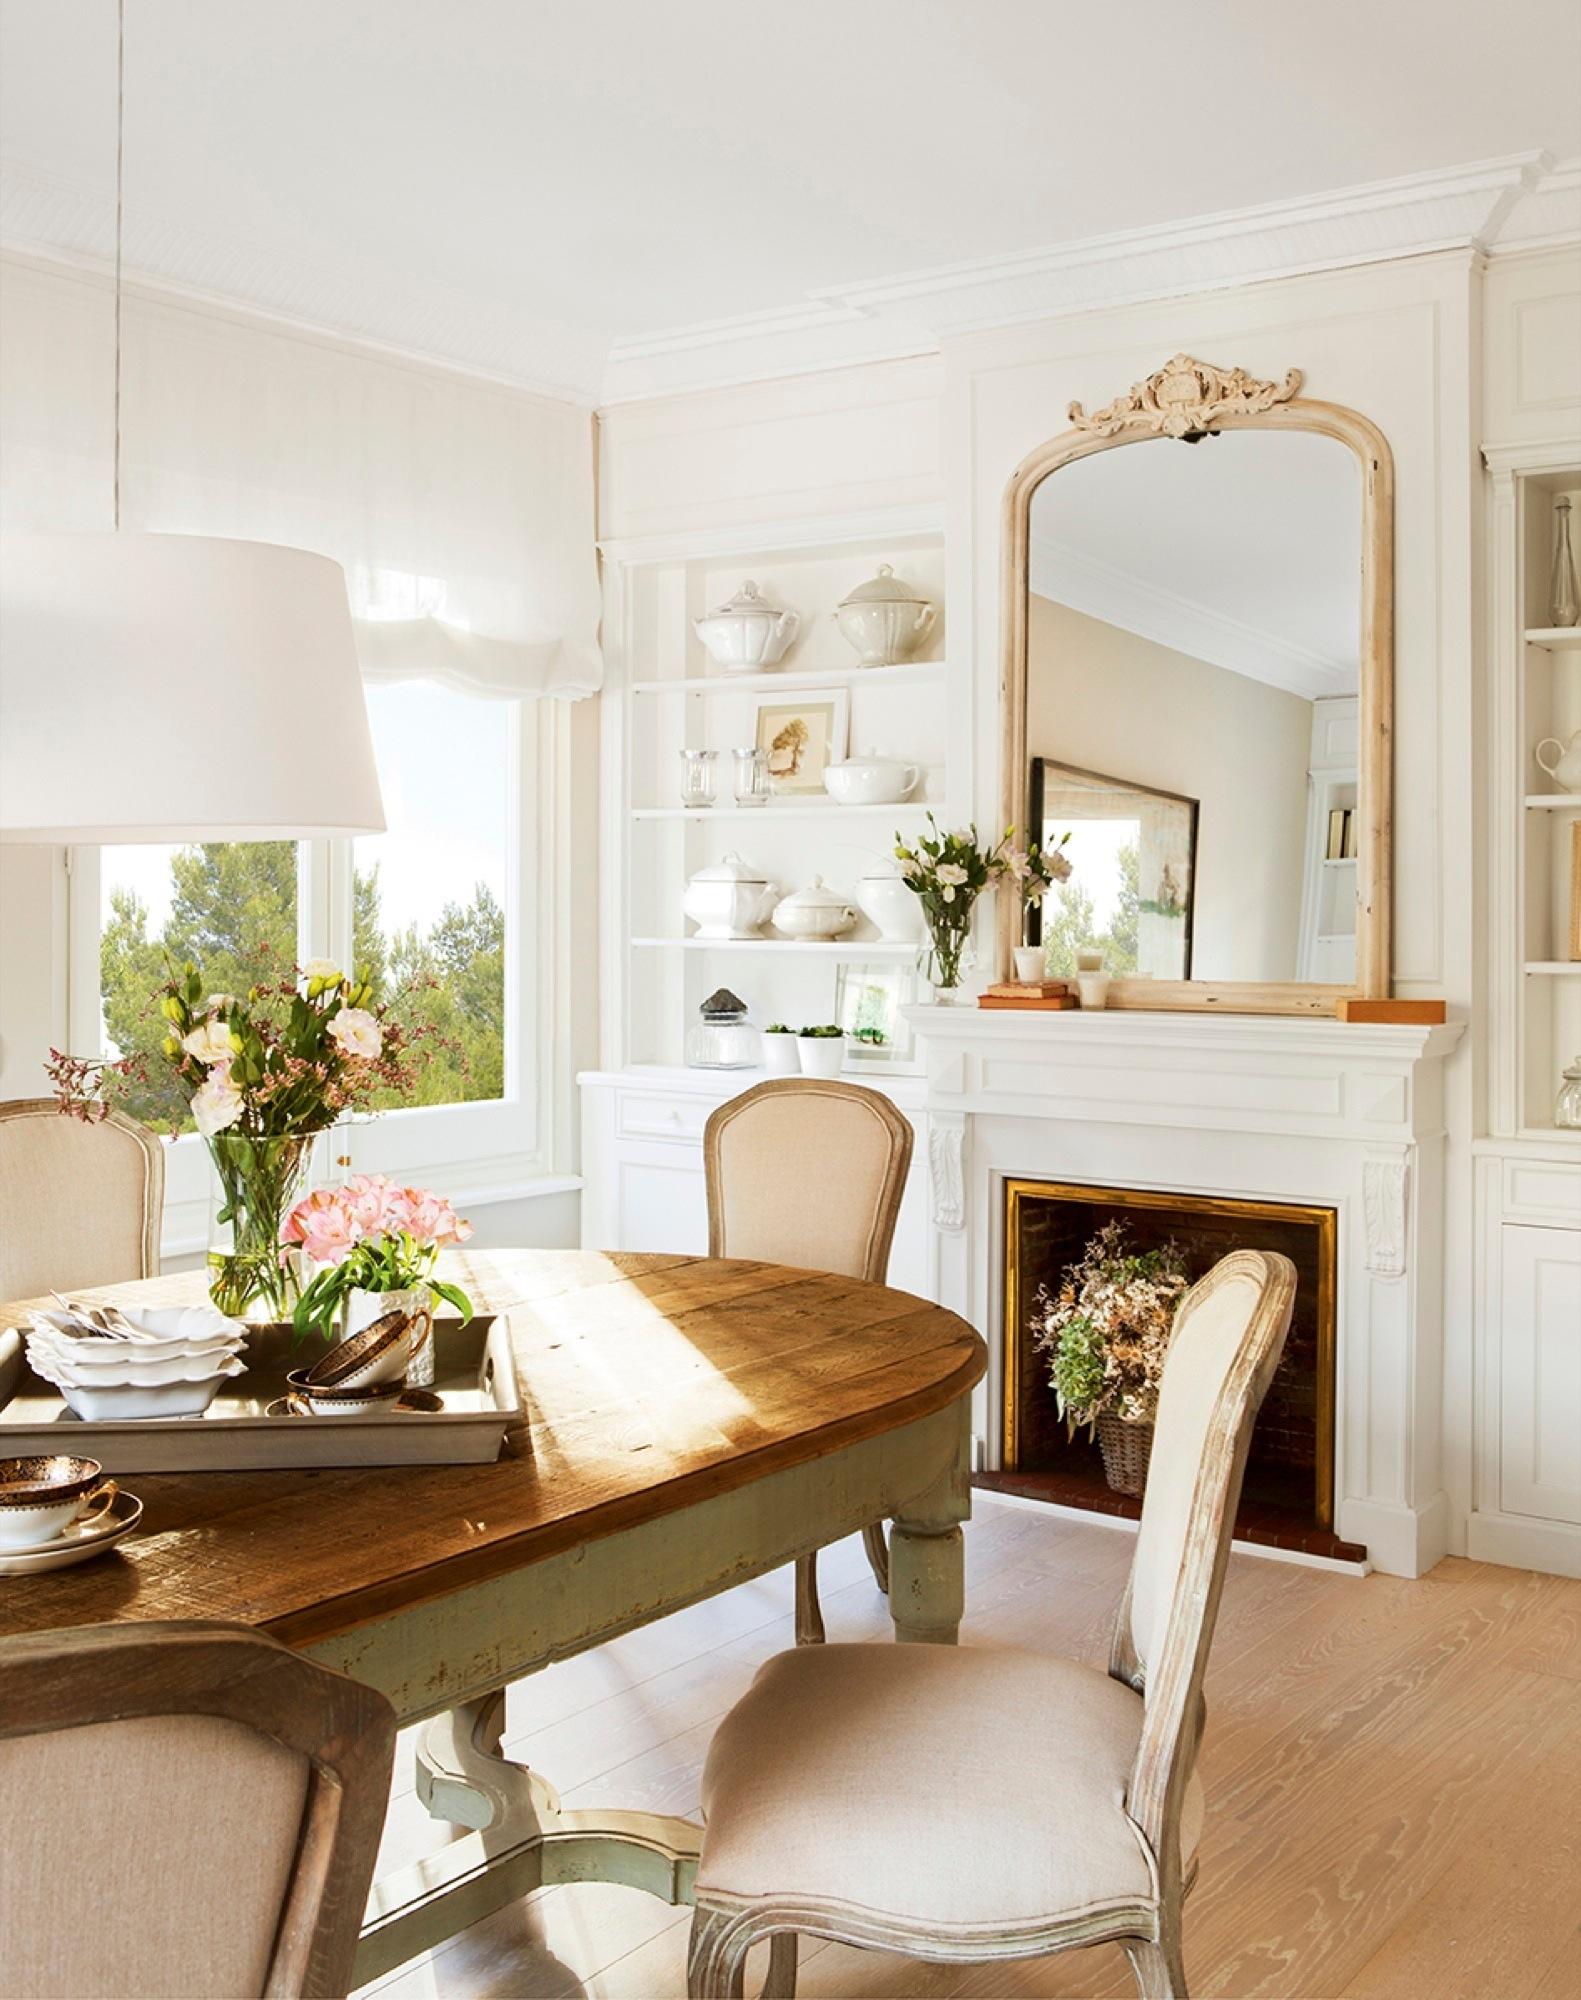 Iluminaci N Habitaciones Cocinas Y Sal N Elmueble # Muebles Casa Lado Cee